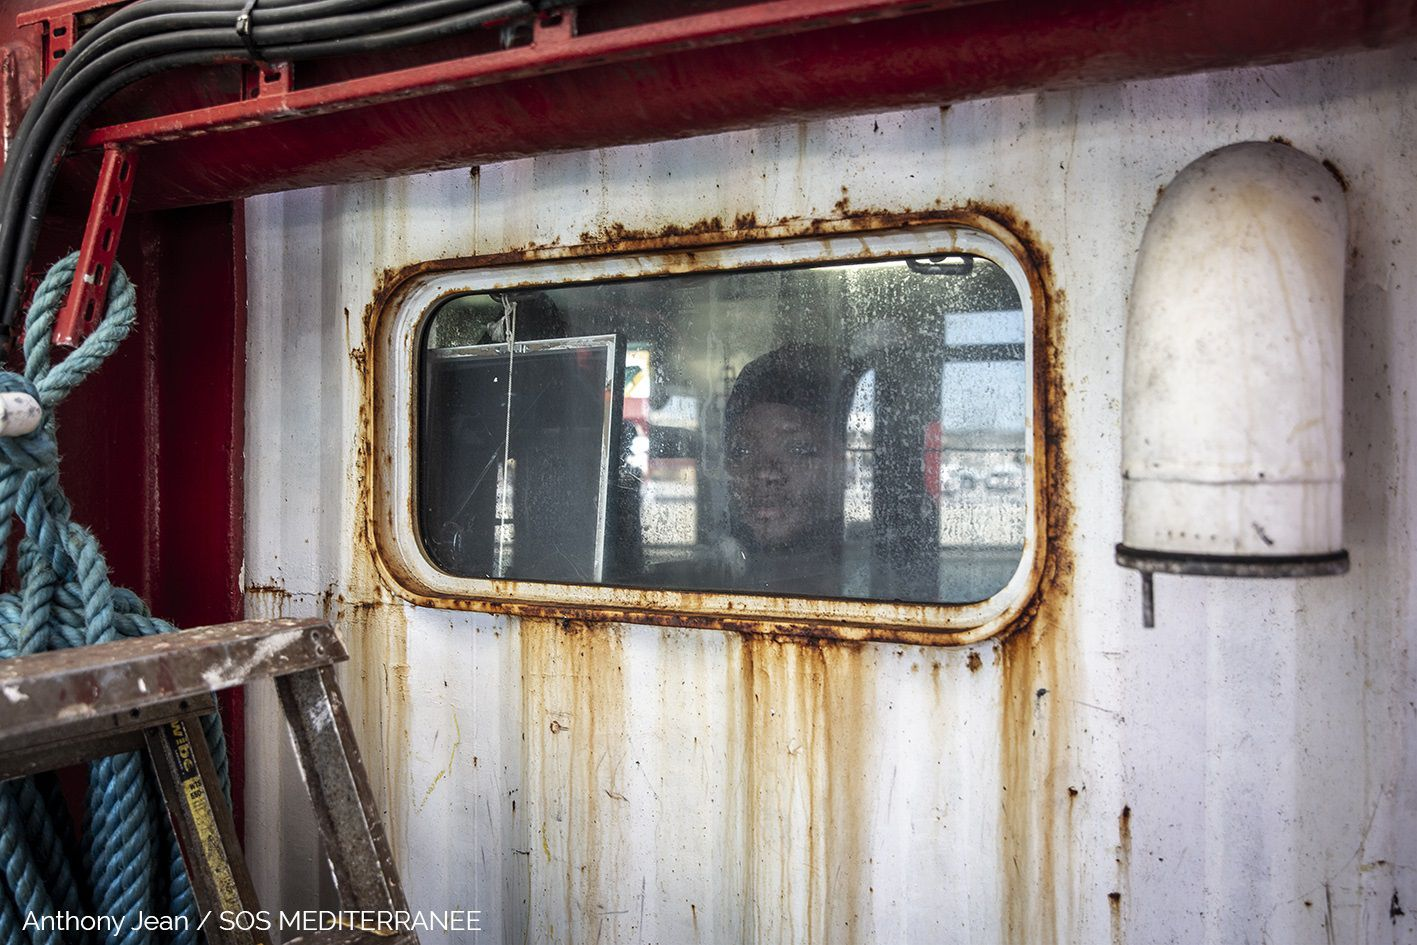 23/02/2020 El barco de salvamento 'Ocean Viking' POLITICA INTERNACIONAL EUROPA ANTHONY JEAN/SOS MEDITERRANEE